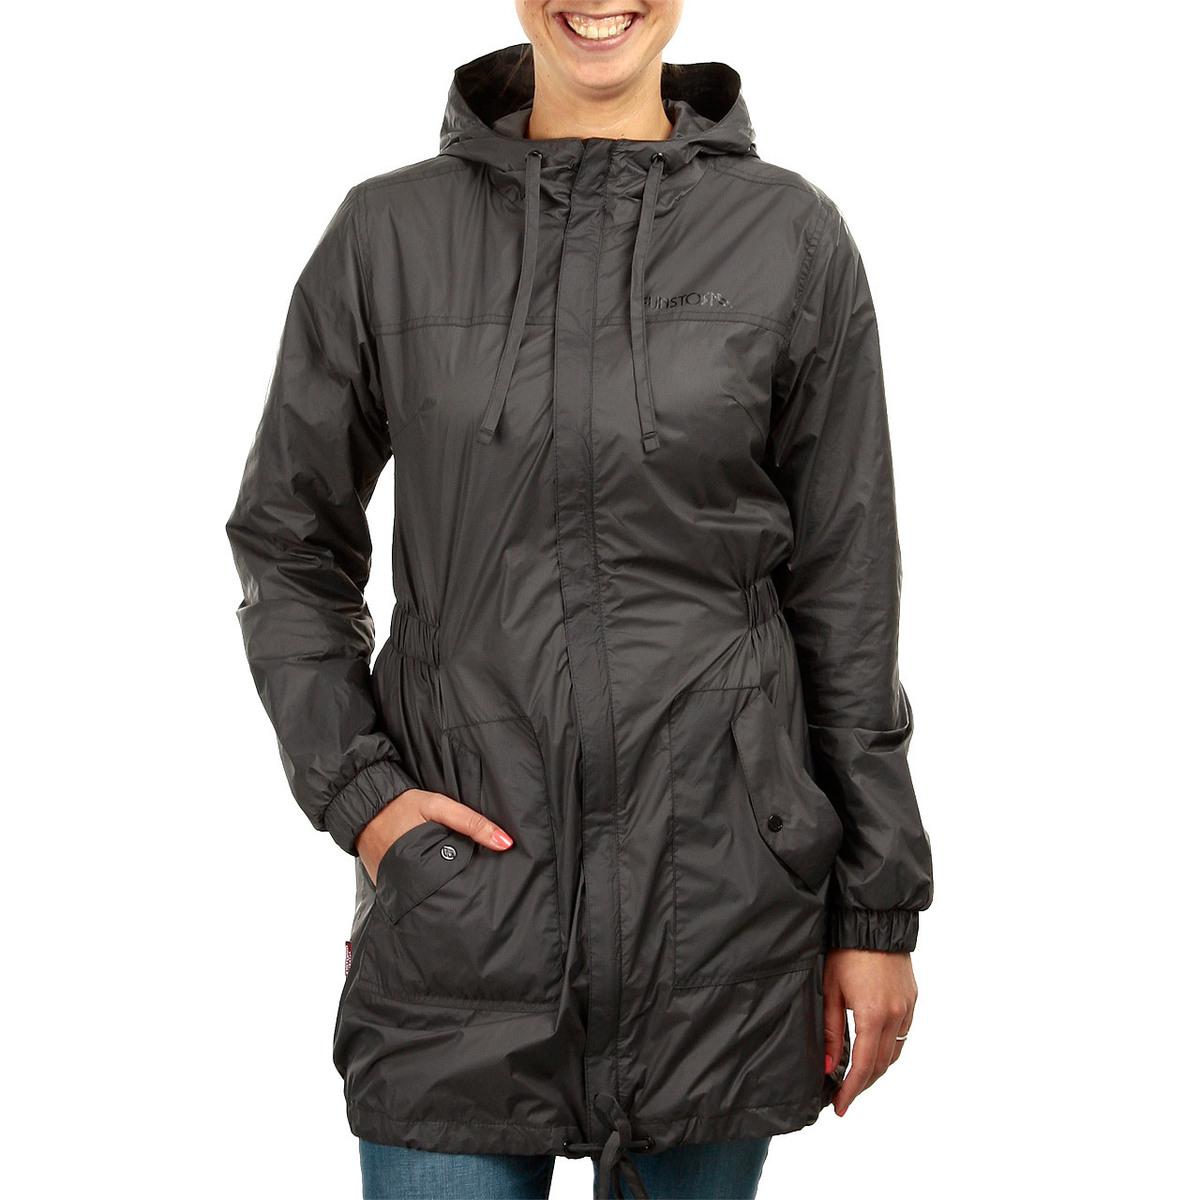 bunda dámská -kabátek- jarně-podzimní FUNSTORM - Munfe - 20 D GREY